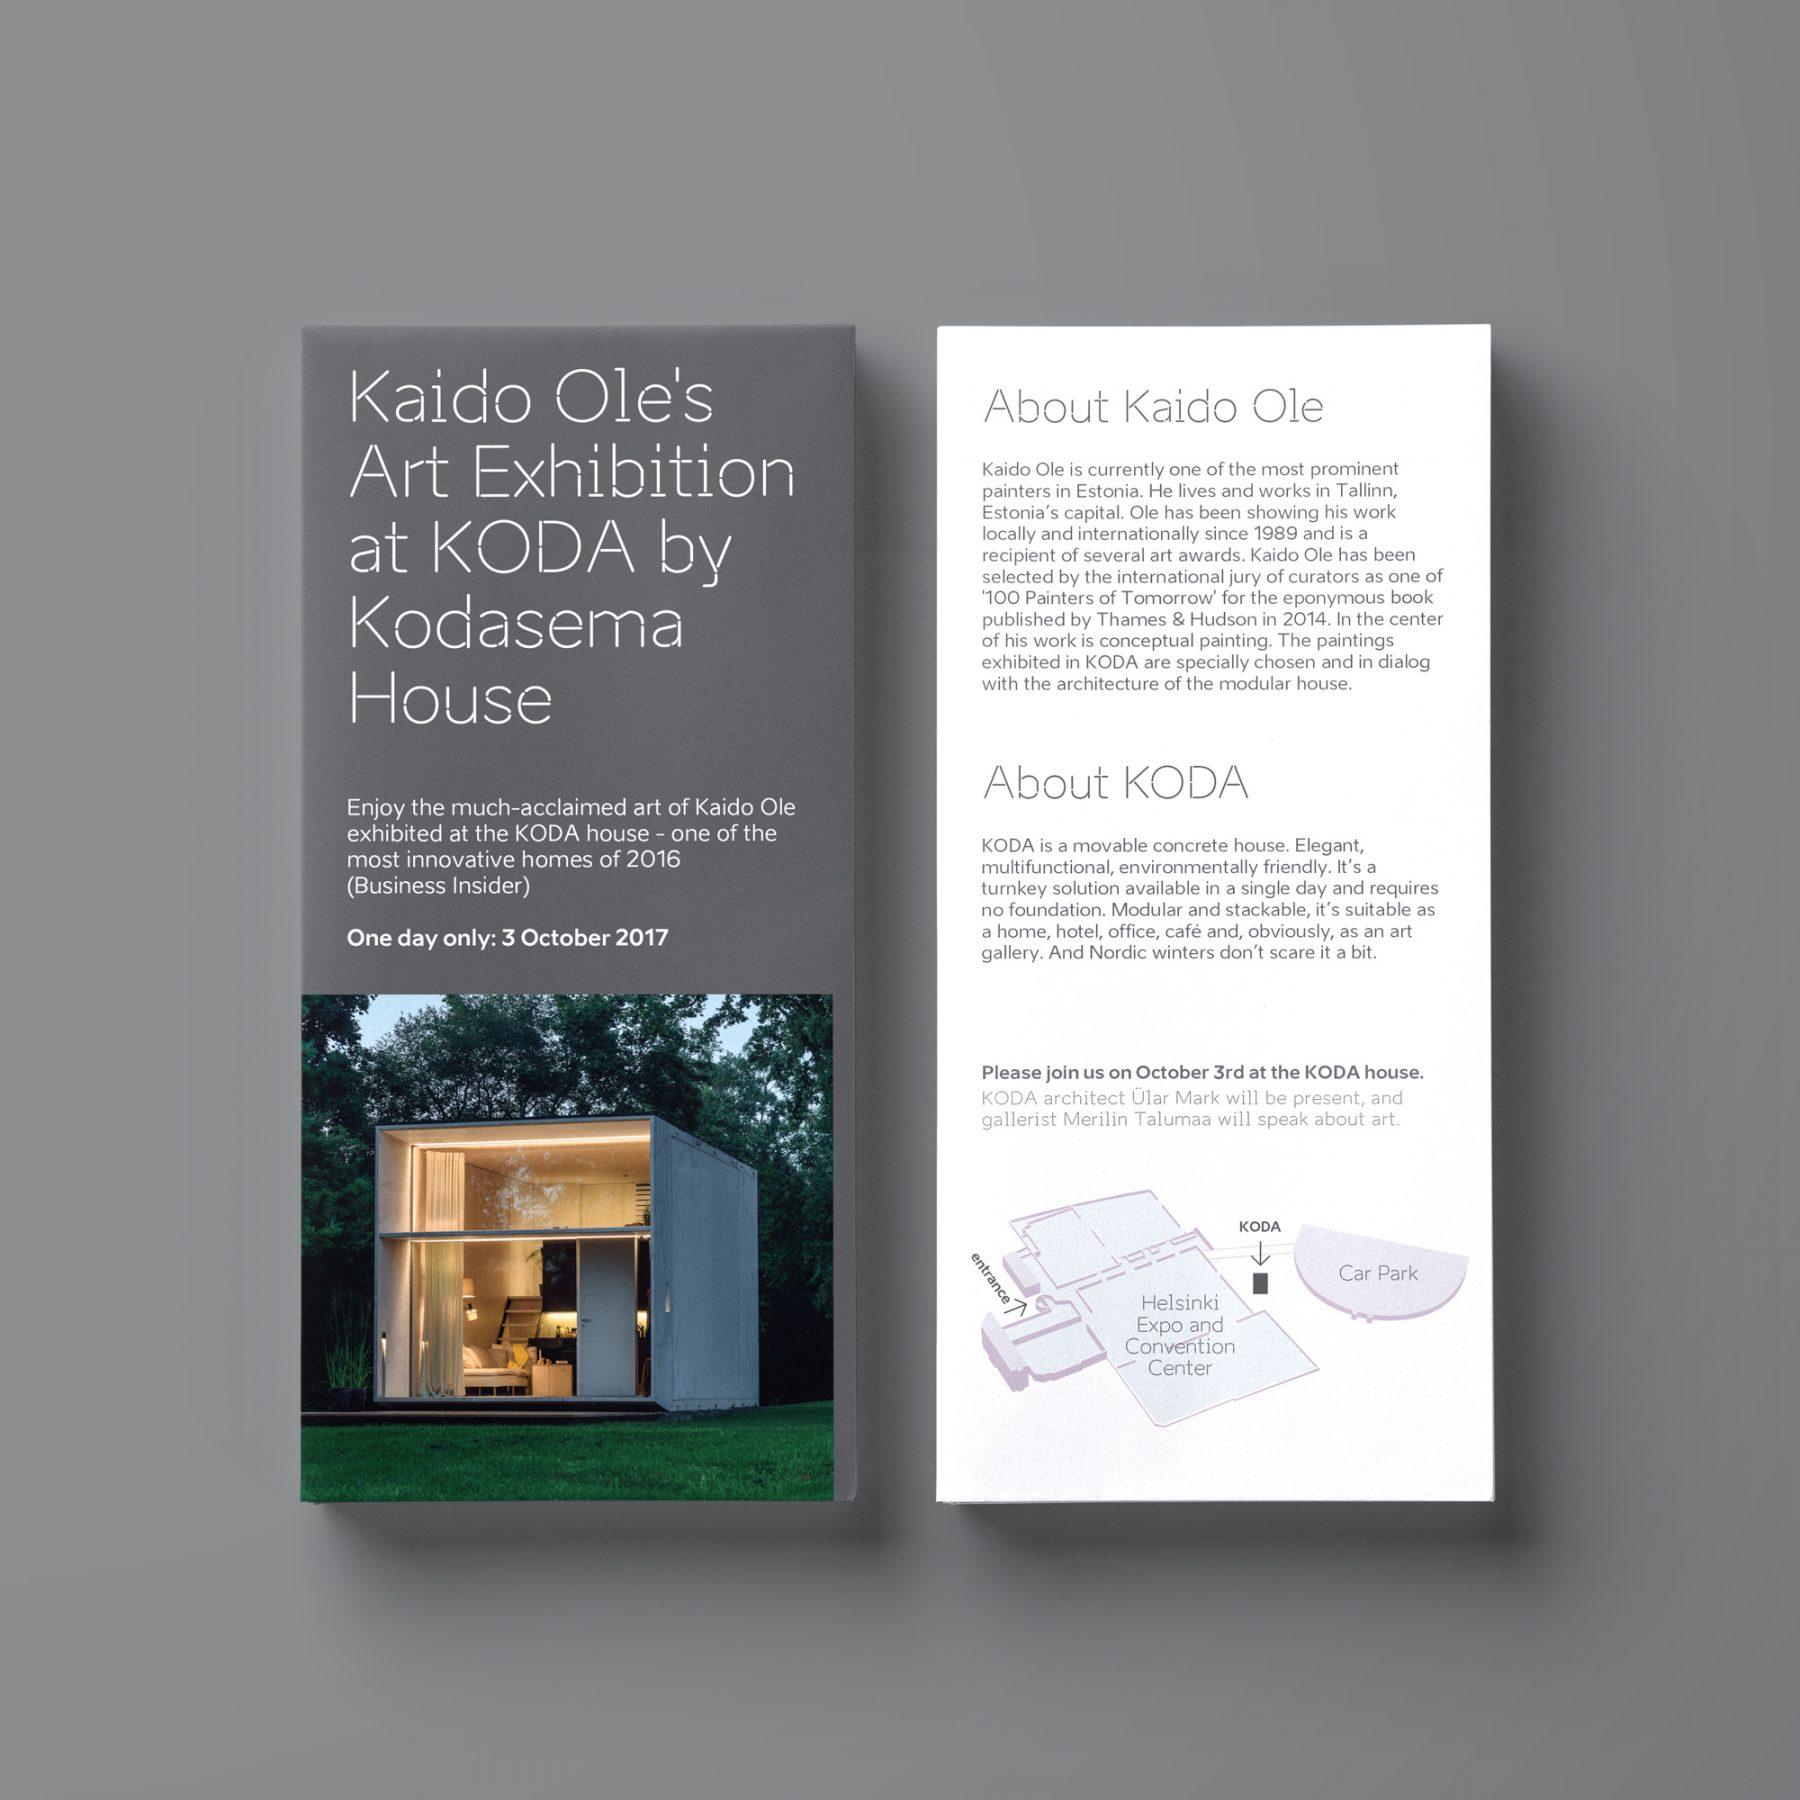 Kado Ole Exhibitions brochure design